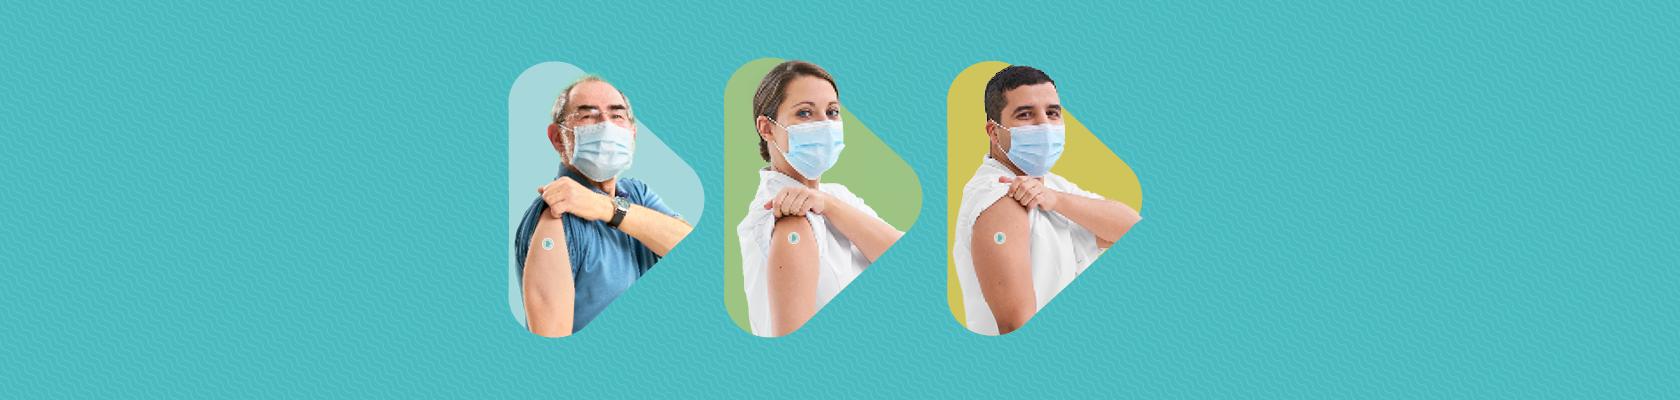 Vaccinatie header